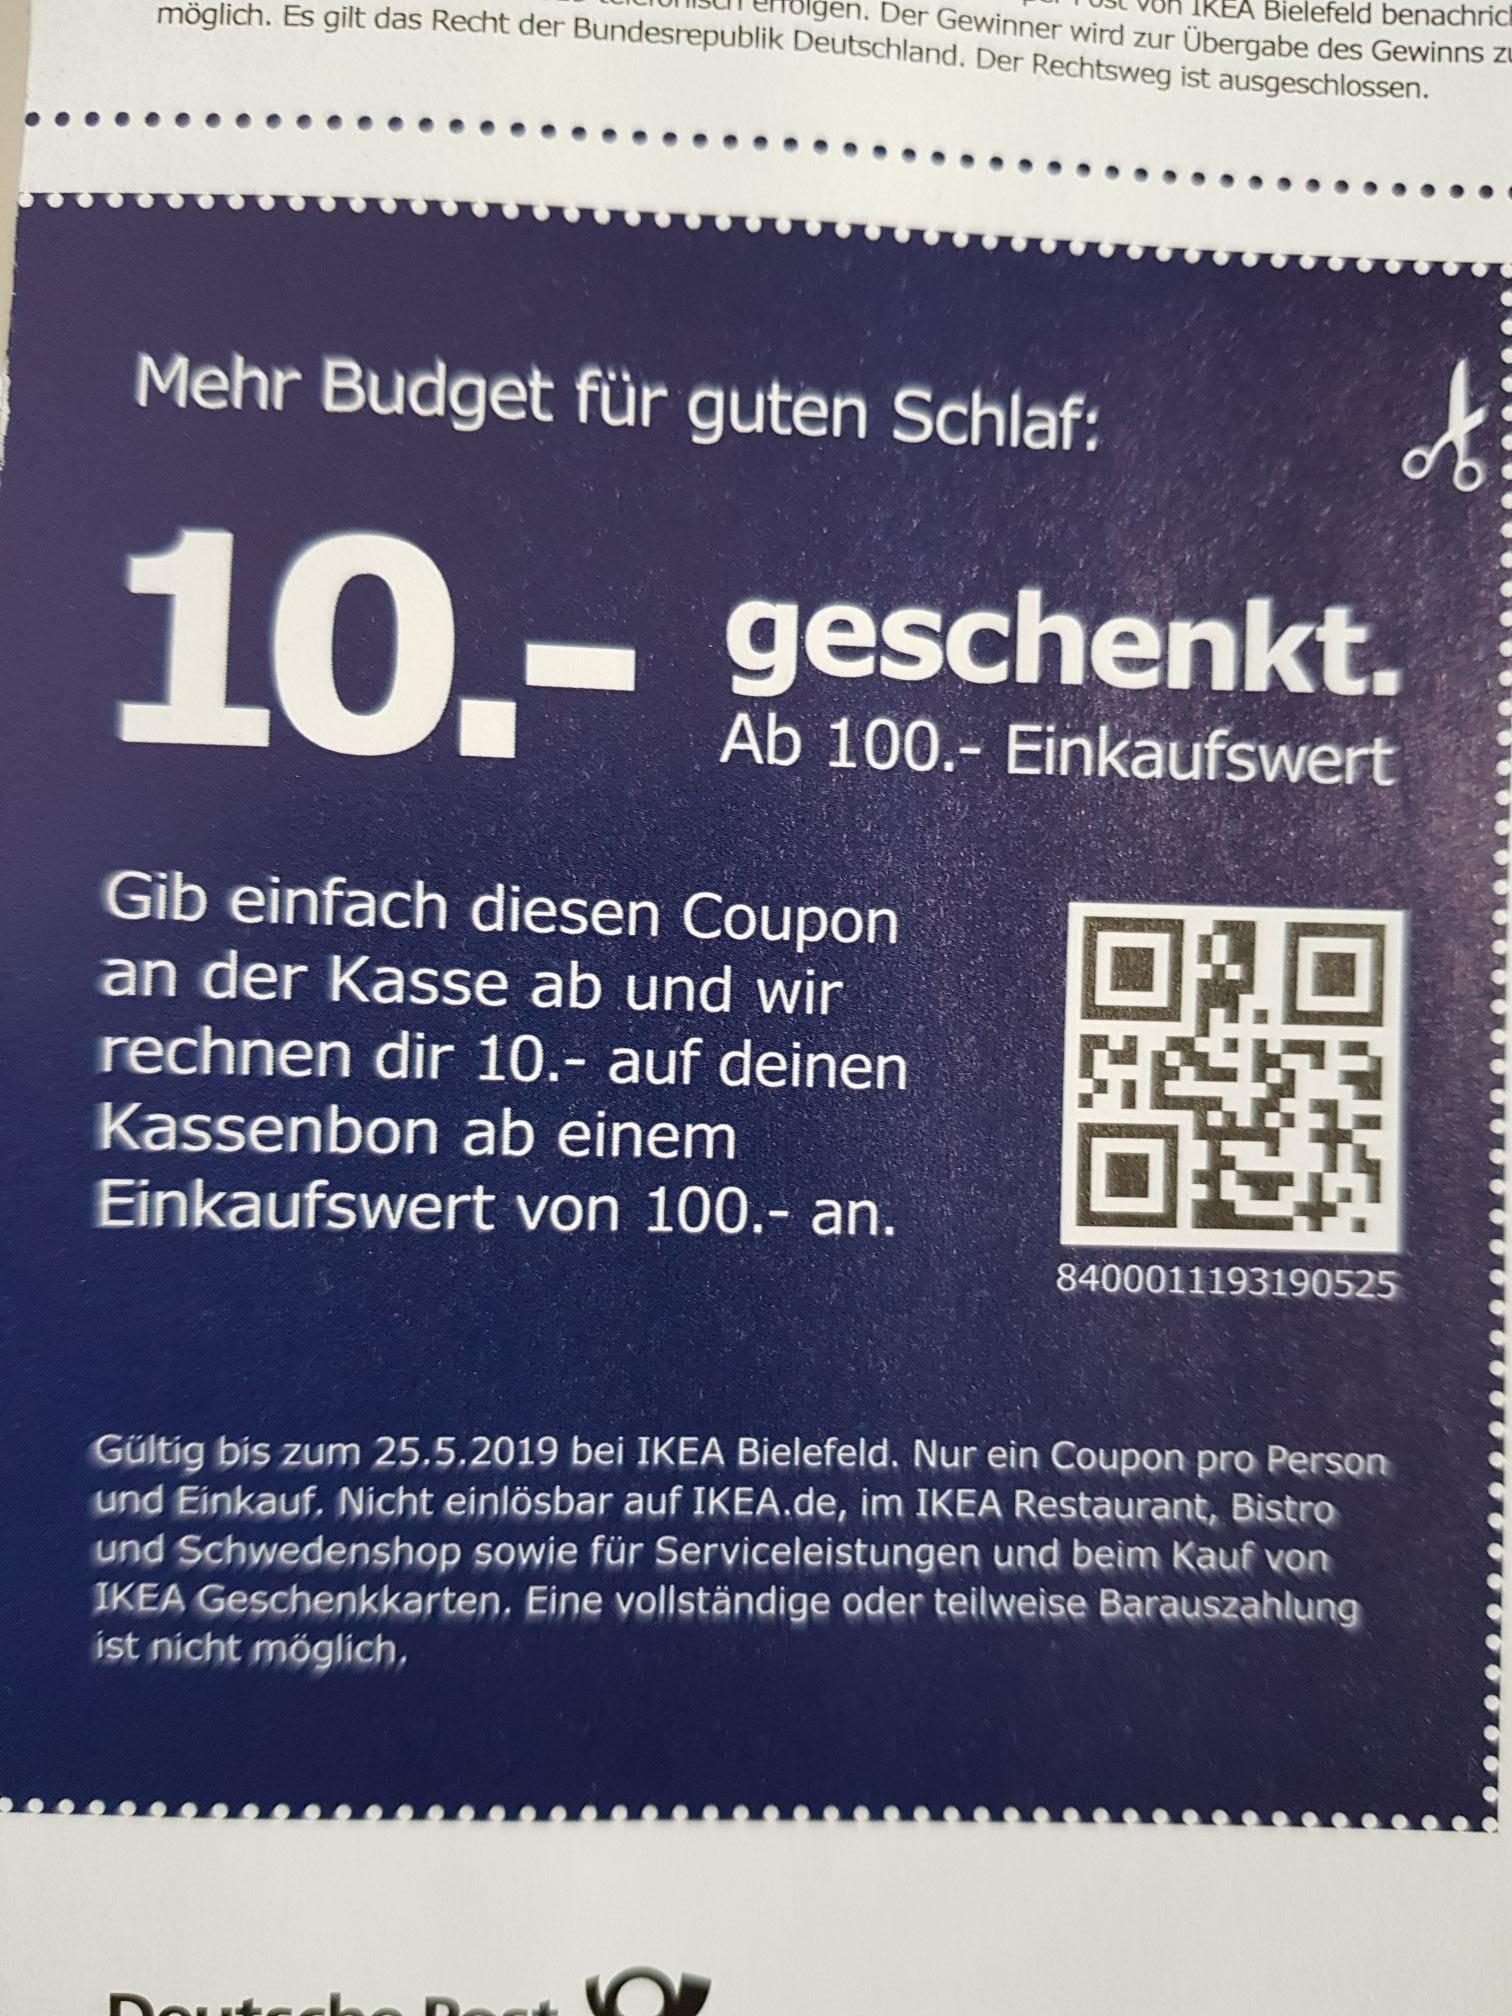 IKEA Bielefeld 10 Euro geschenkt (Einkaufswert 100,-)